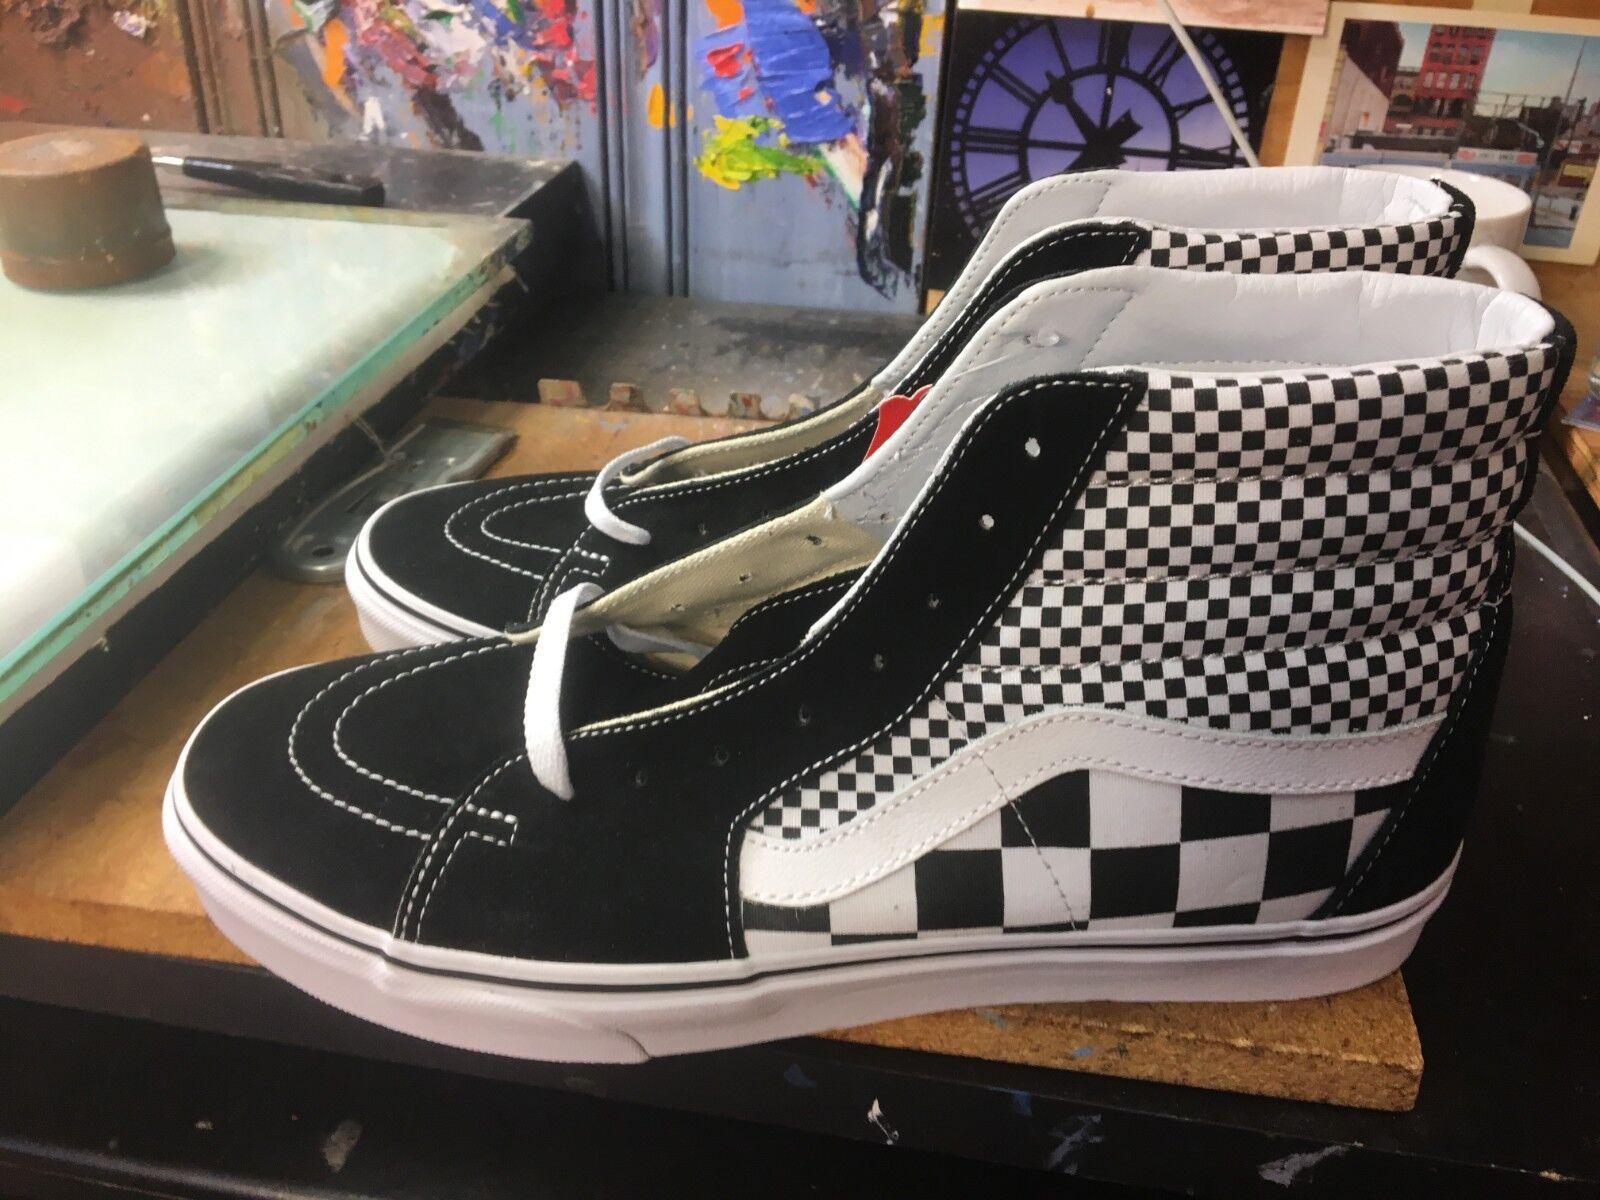 Vans SK8-Hi (mezcla Checker) Negro/Blanco Tamaño nos 13 VN0A38GEQ9B para hombres VN0A38GEQ9B 13 02bd66